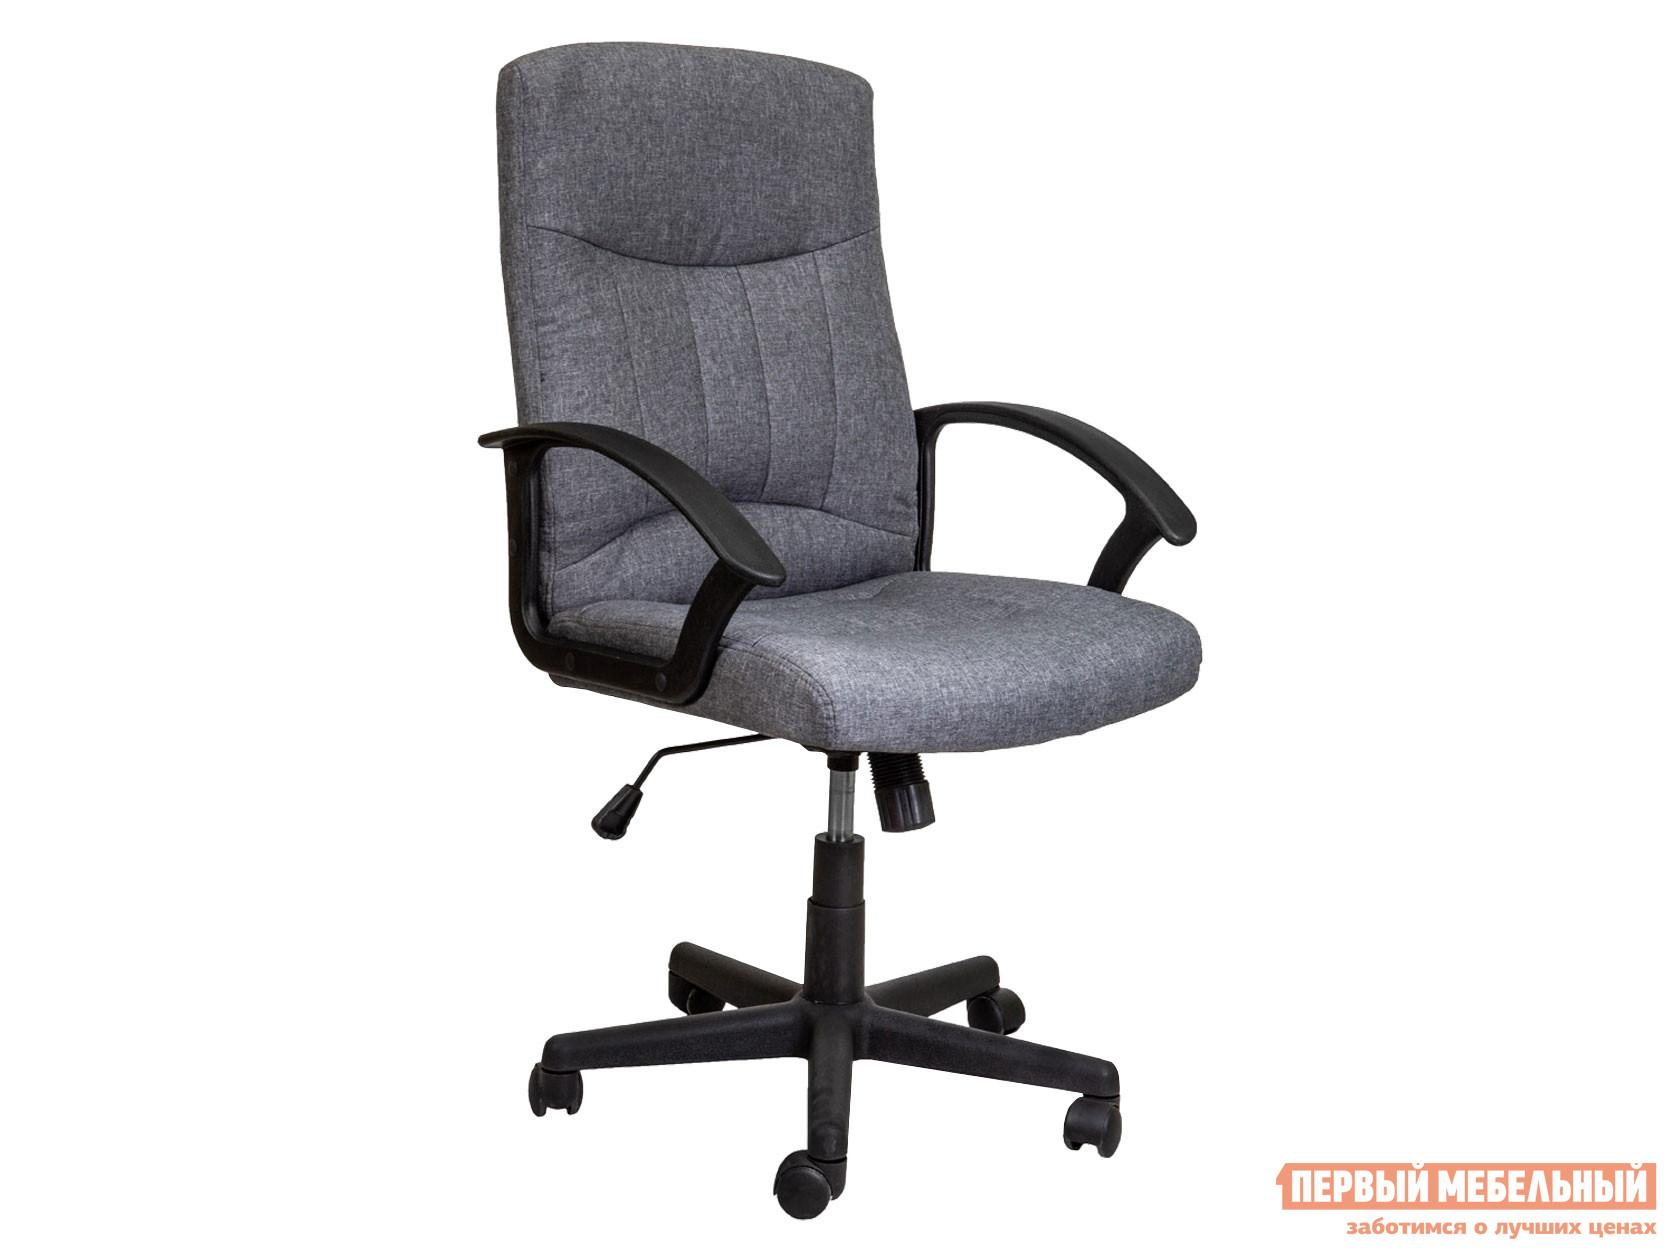 Офисное кресло Первый Мебельный Кресло поворотное Polo